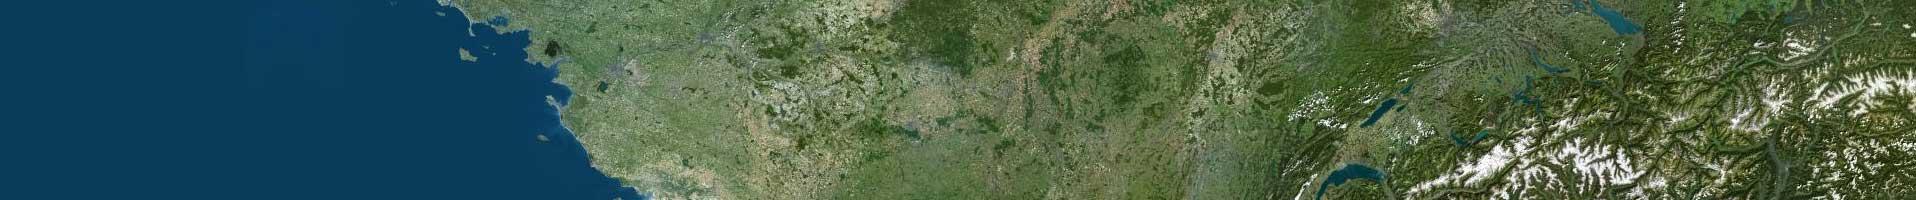 Photo aérienne IGN 1er niveau d'agrandissement